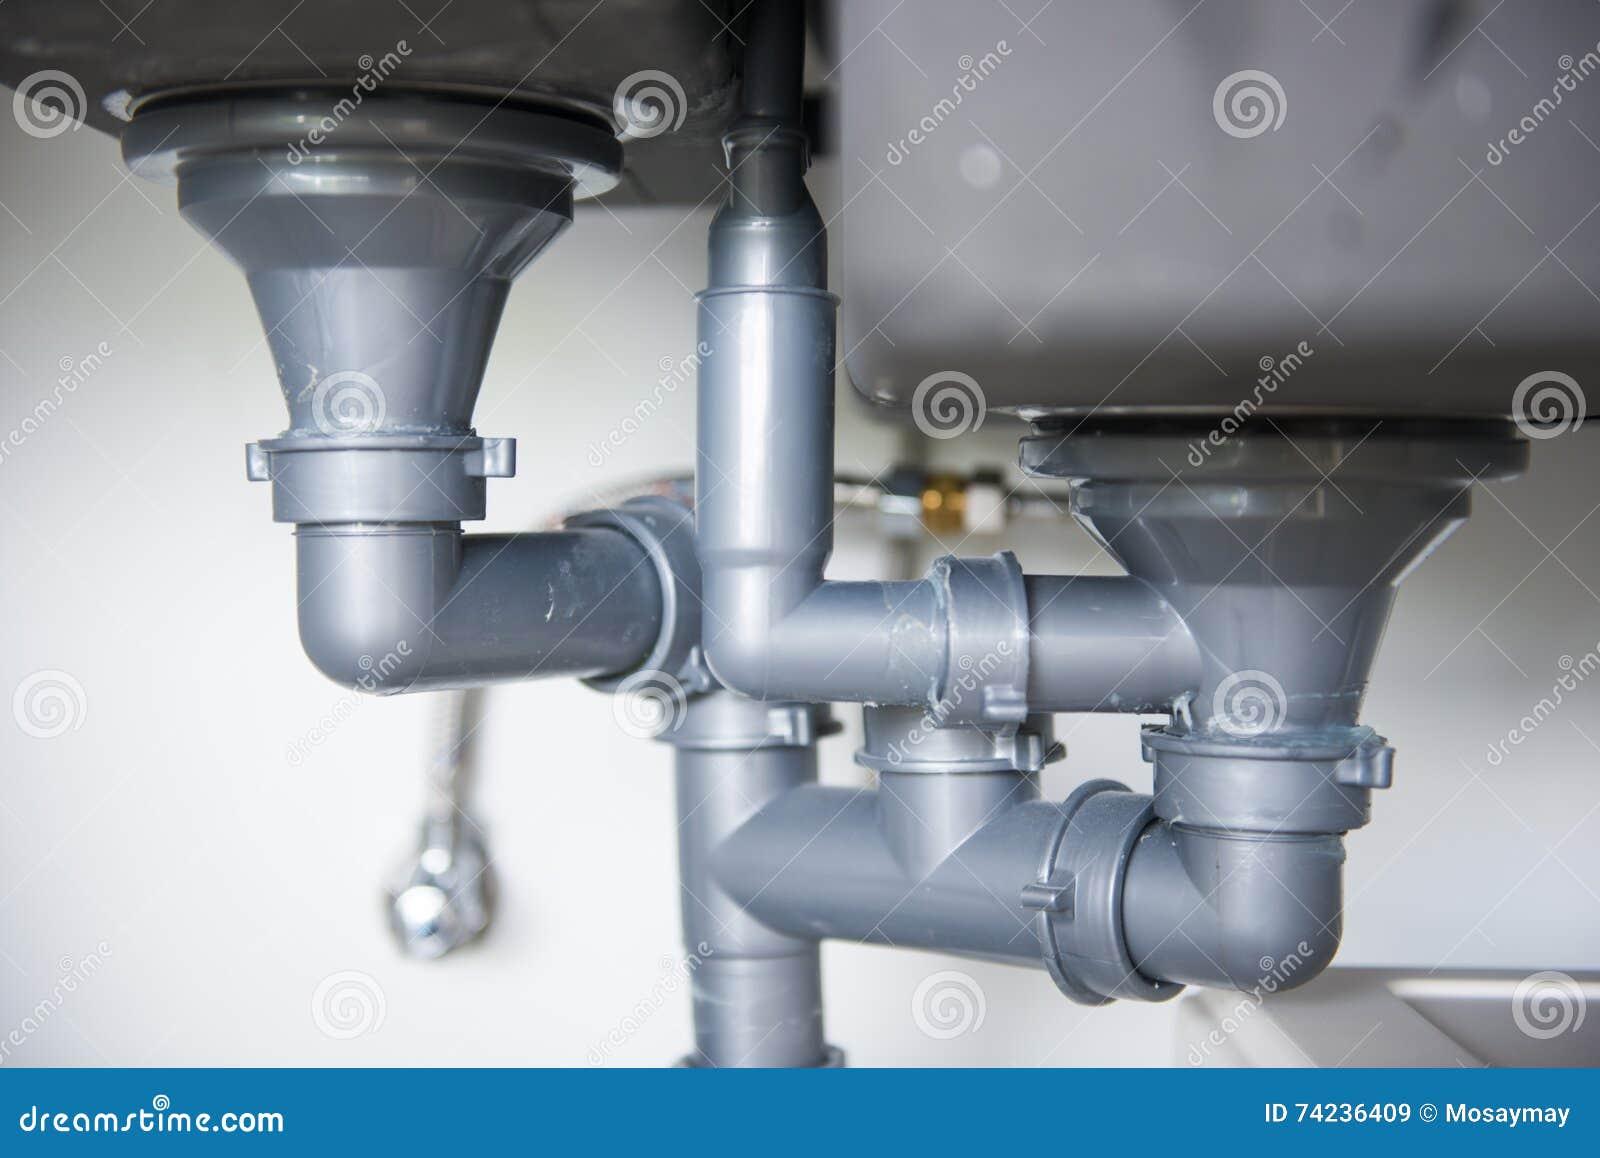 Tubo Scarico Lavandino Bagno tubo di scarico del lavandino di cucina immagine stock